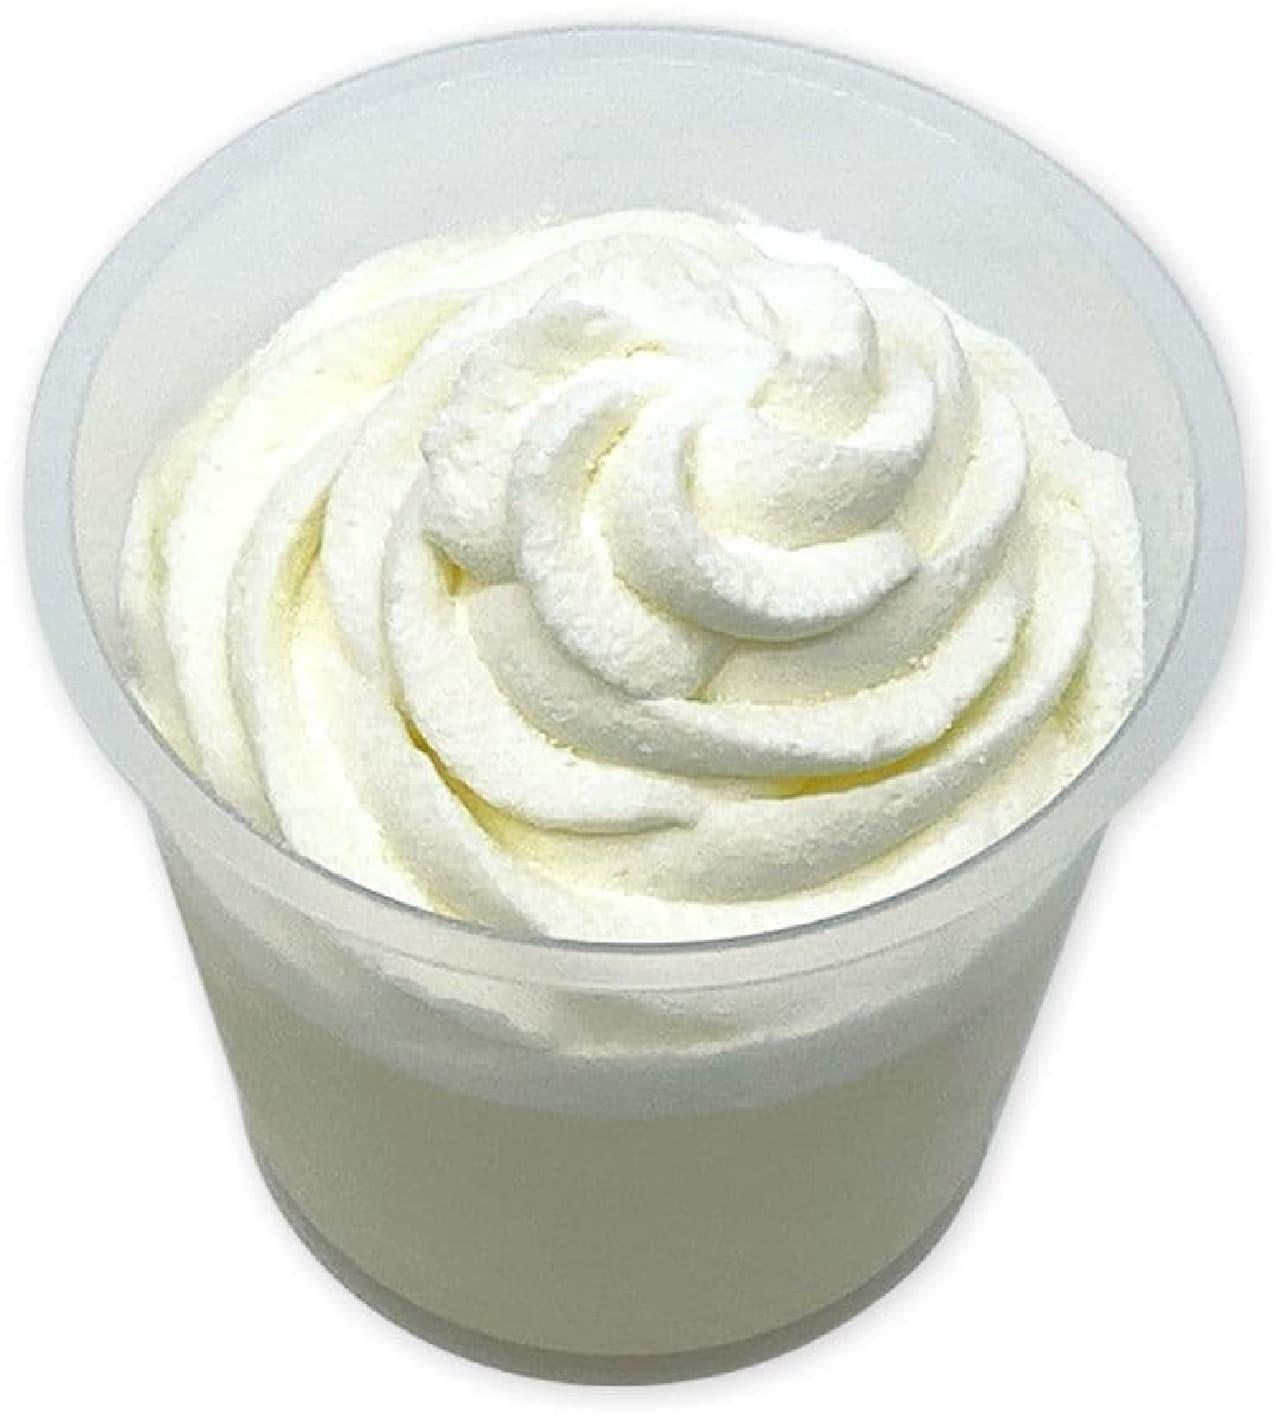 セブン-イレブン「ホイップクリームのミルクプリン」